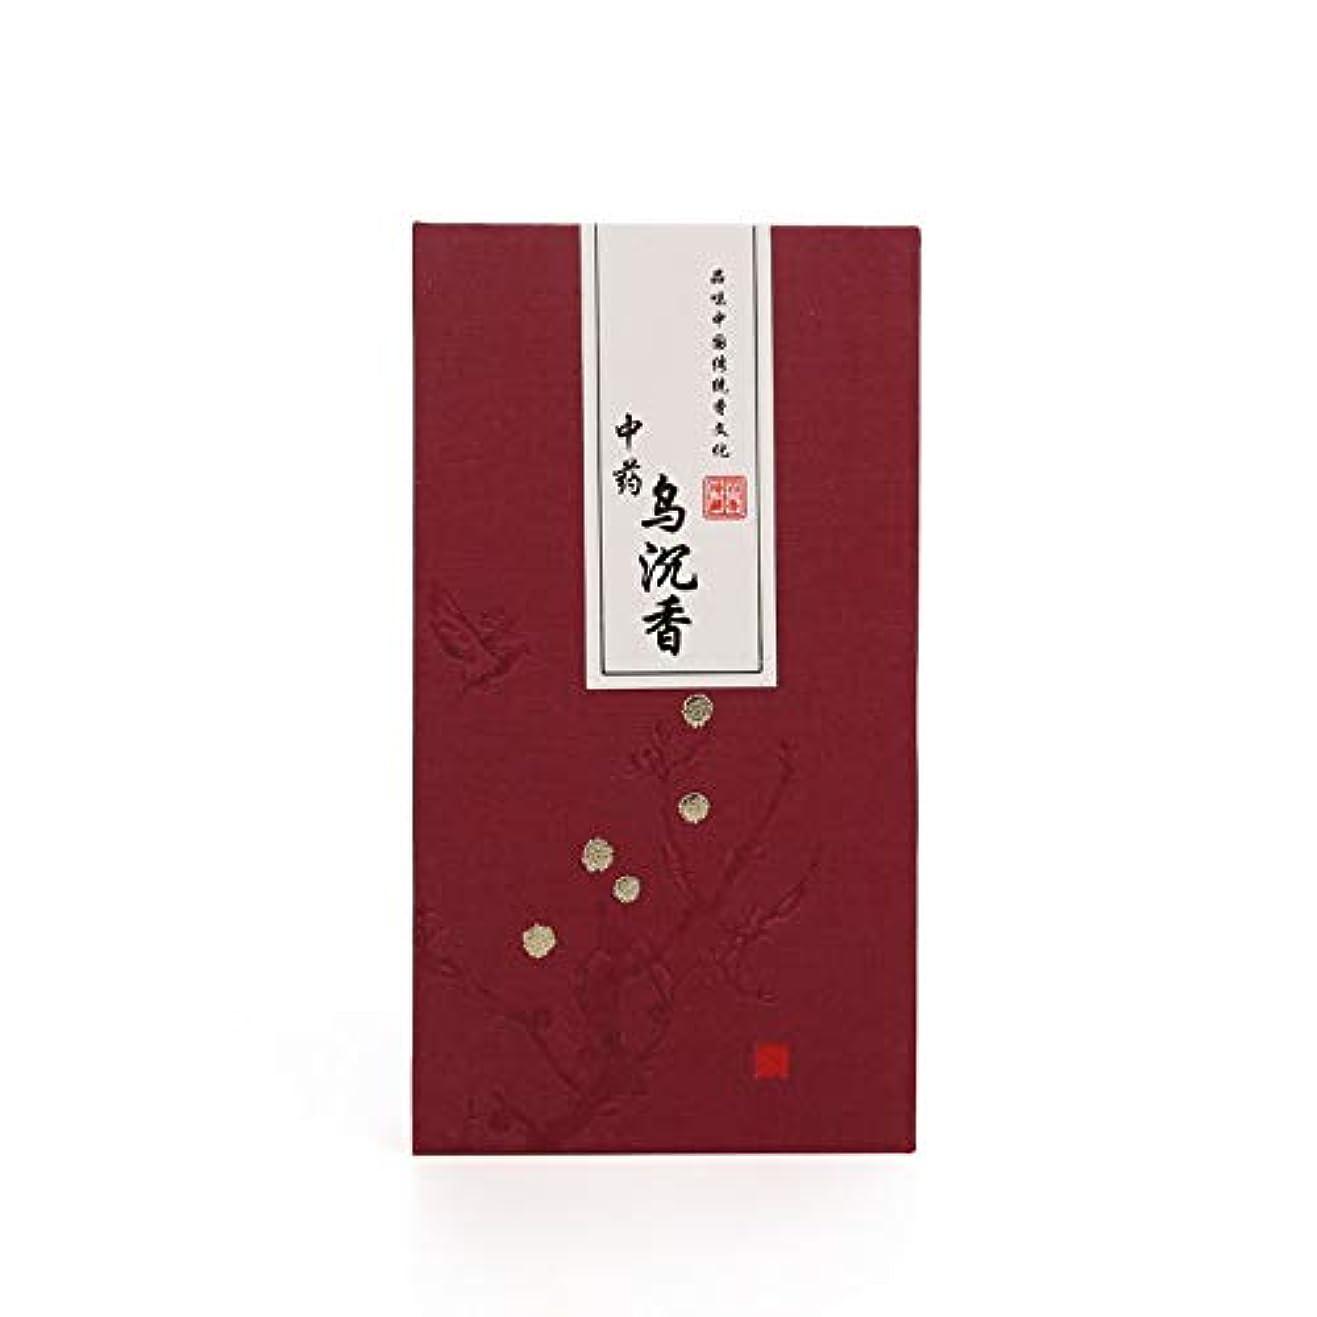 つかの間スタジアムメディックDiatems - 絶妙な箱入りの天然白檀の香りのお香、香りの木、辺材、ヒノキ、2時間、長期的な仏香、アロマテラピー[鳥サンダルウッド]